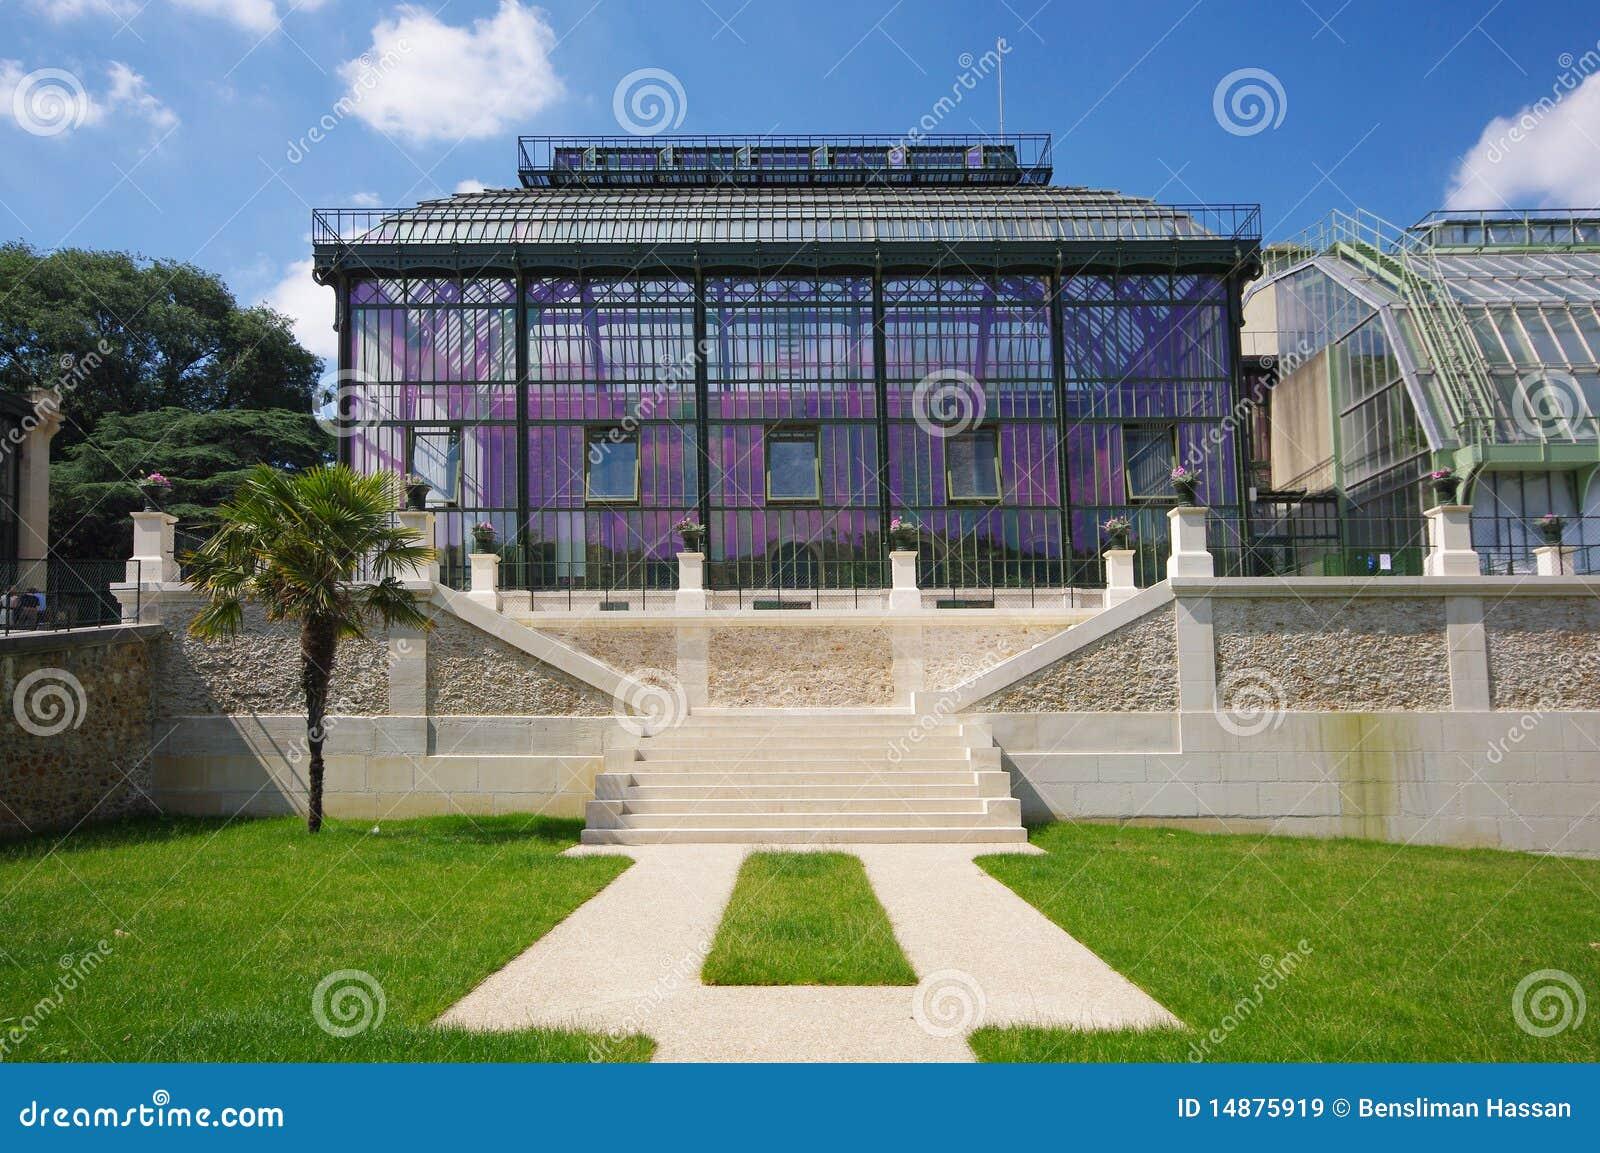 de serre van parijs in jardin des plantes stock afbeelding afbeelding 14875919. Black Bedroom Furniture Sets. Home Design Ideas